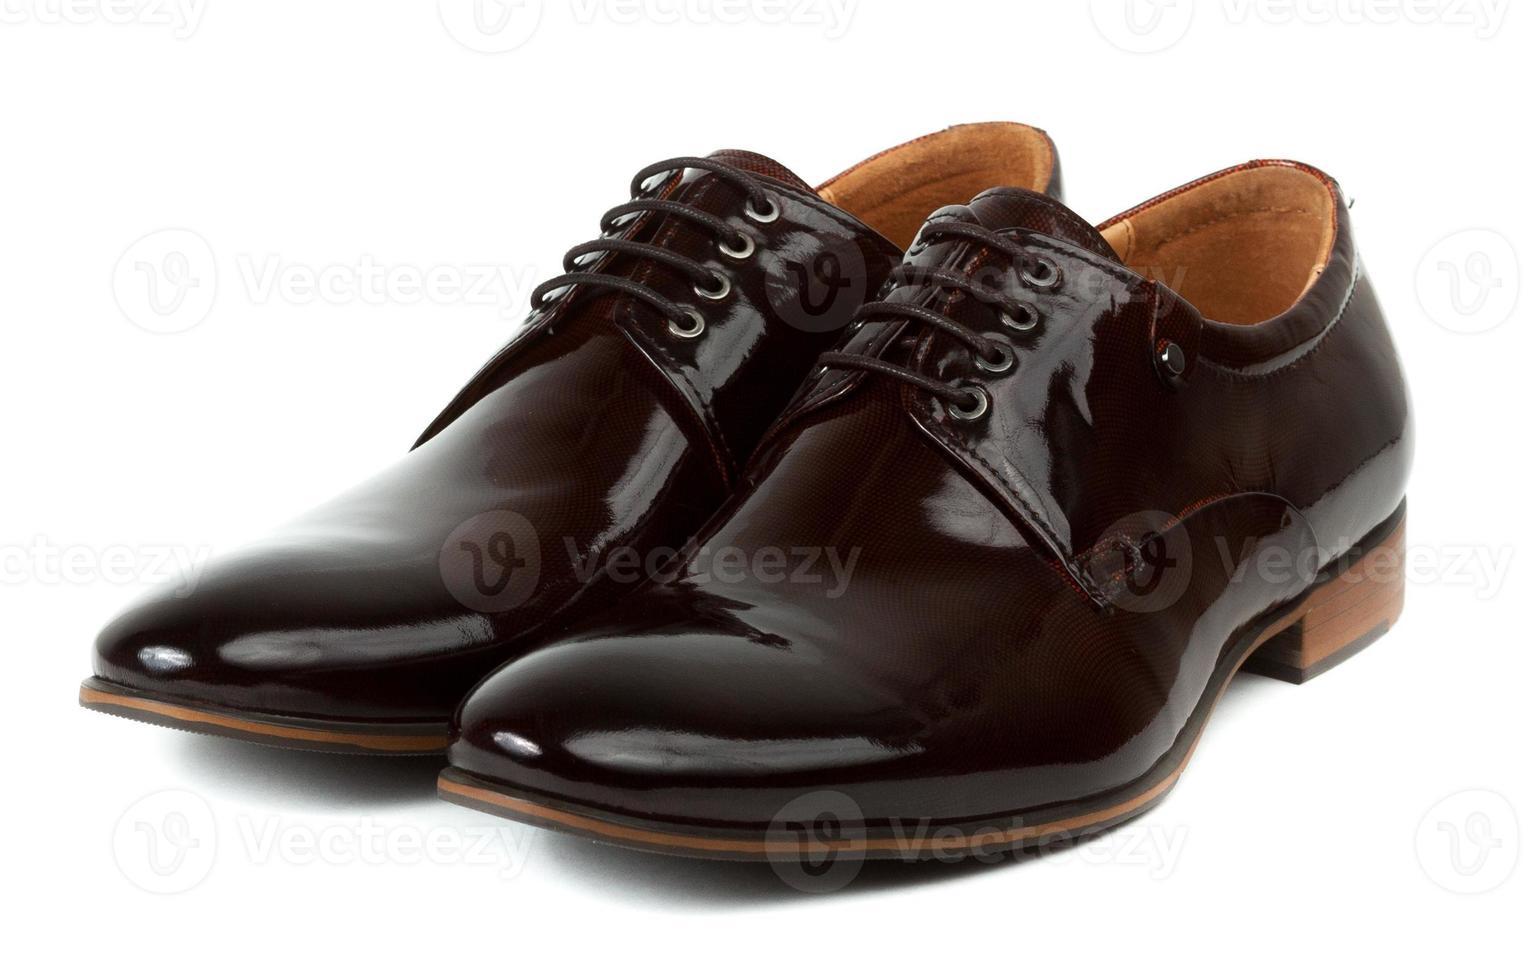 Paar braune Schuhe für Männer foto